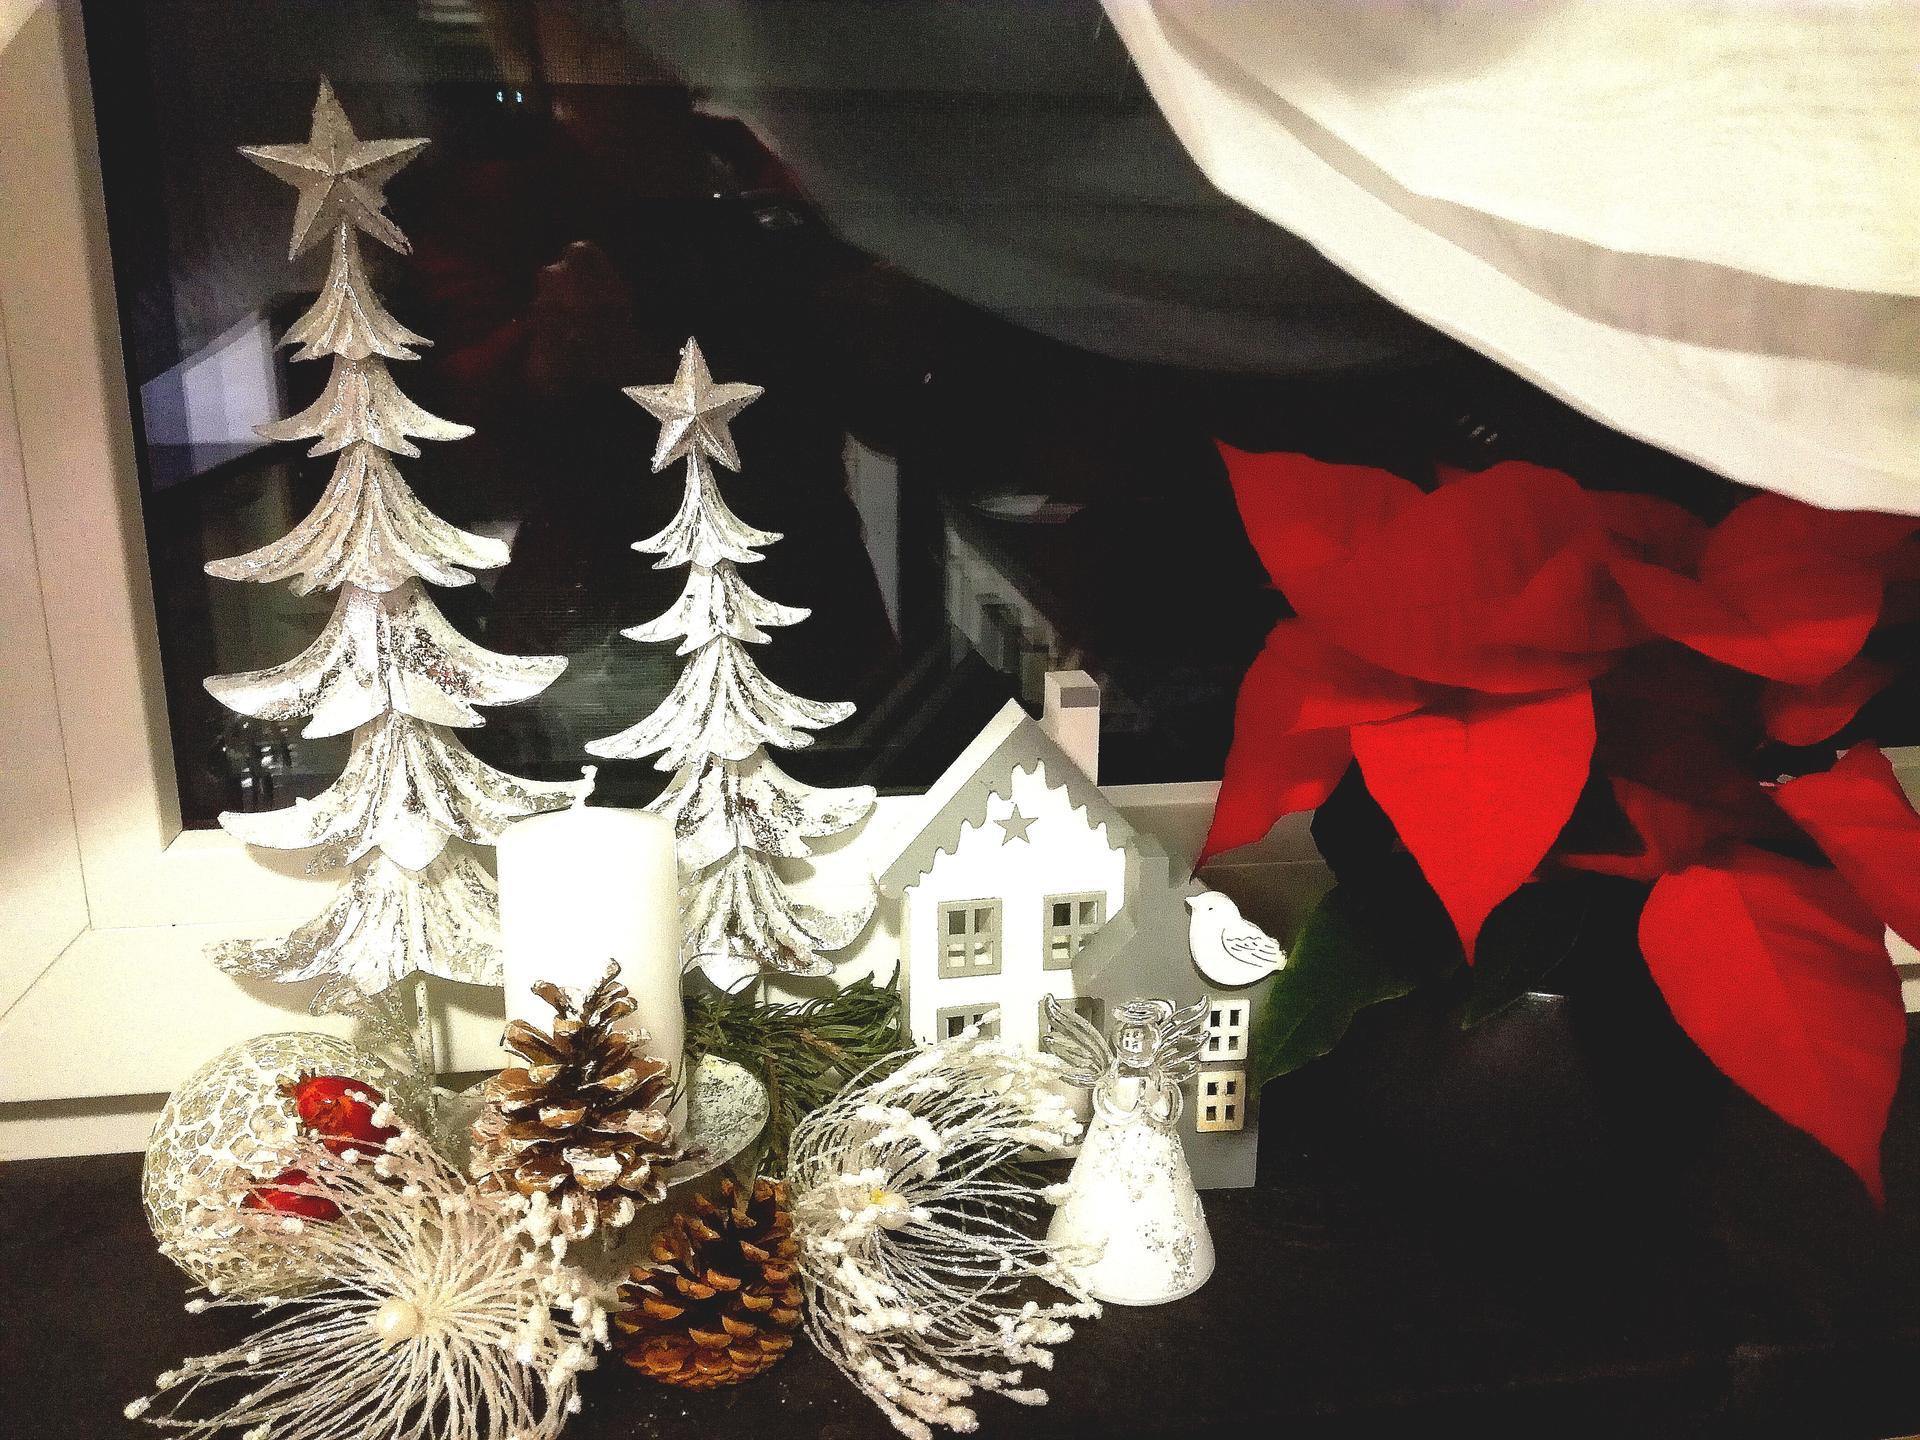 ...vánoční čas v roce 2020🌲🌲🌲❤ - Obrázek č. 36